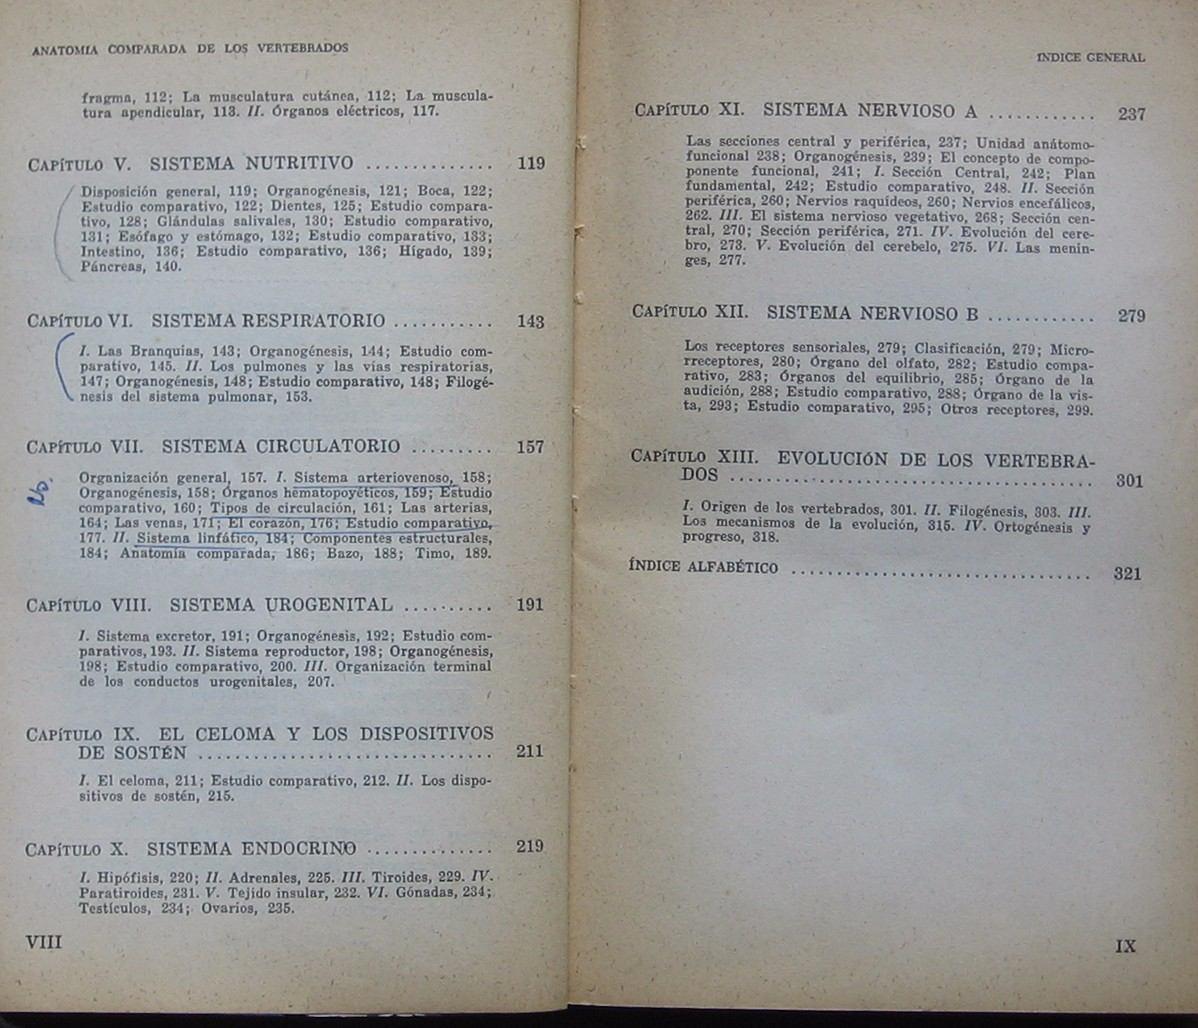 Anatomía Comparada De Los Vertebrados - Pisanó & Barbieri - $ 300,00 ...